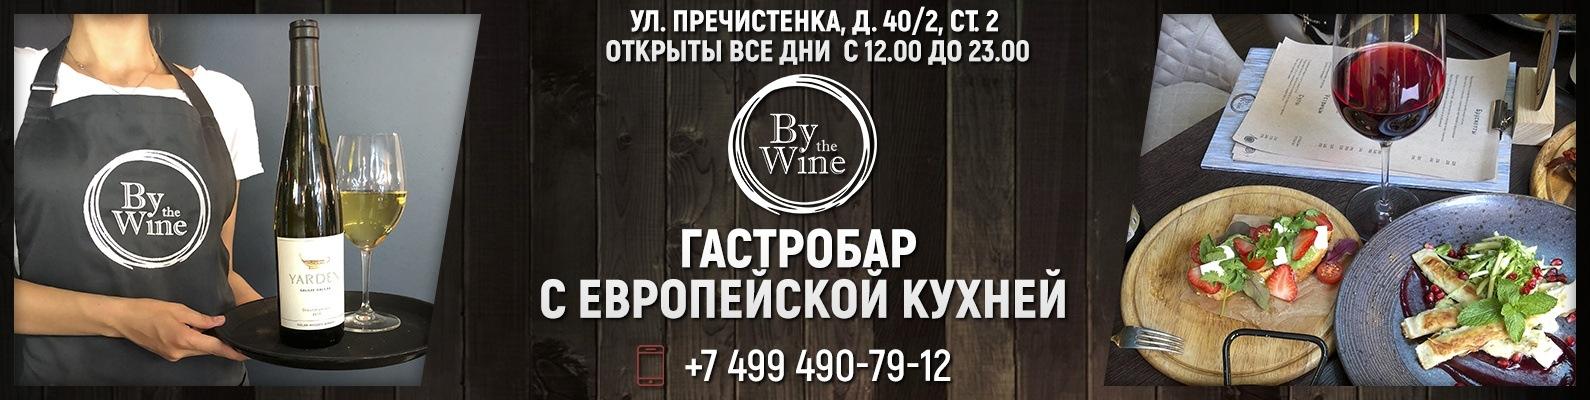 Агентство «Решаю вопросы» в Москве   ВКонтакте ede9b773de1